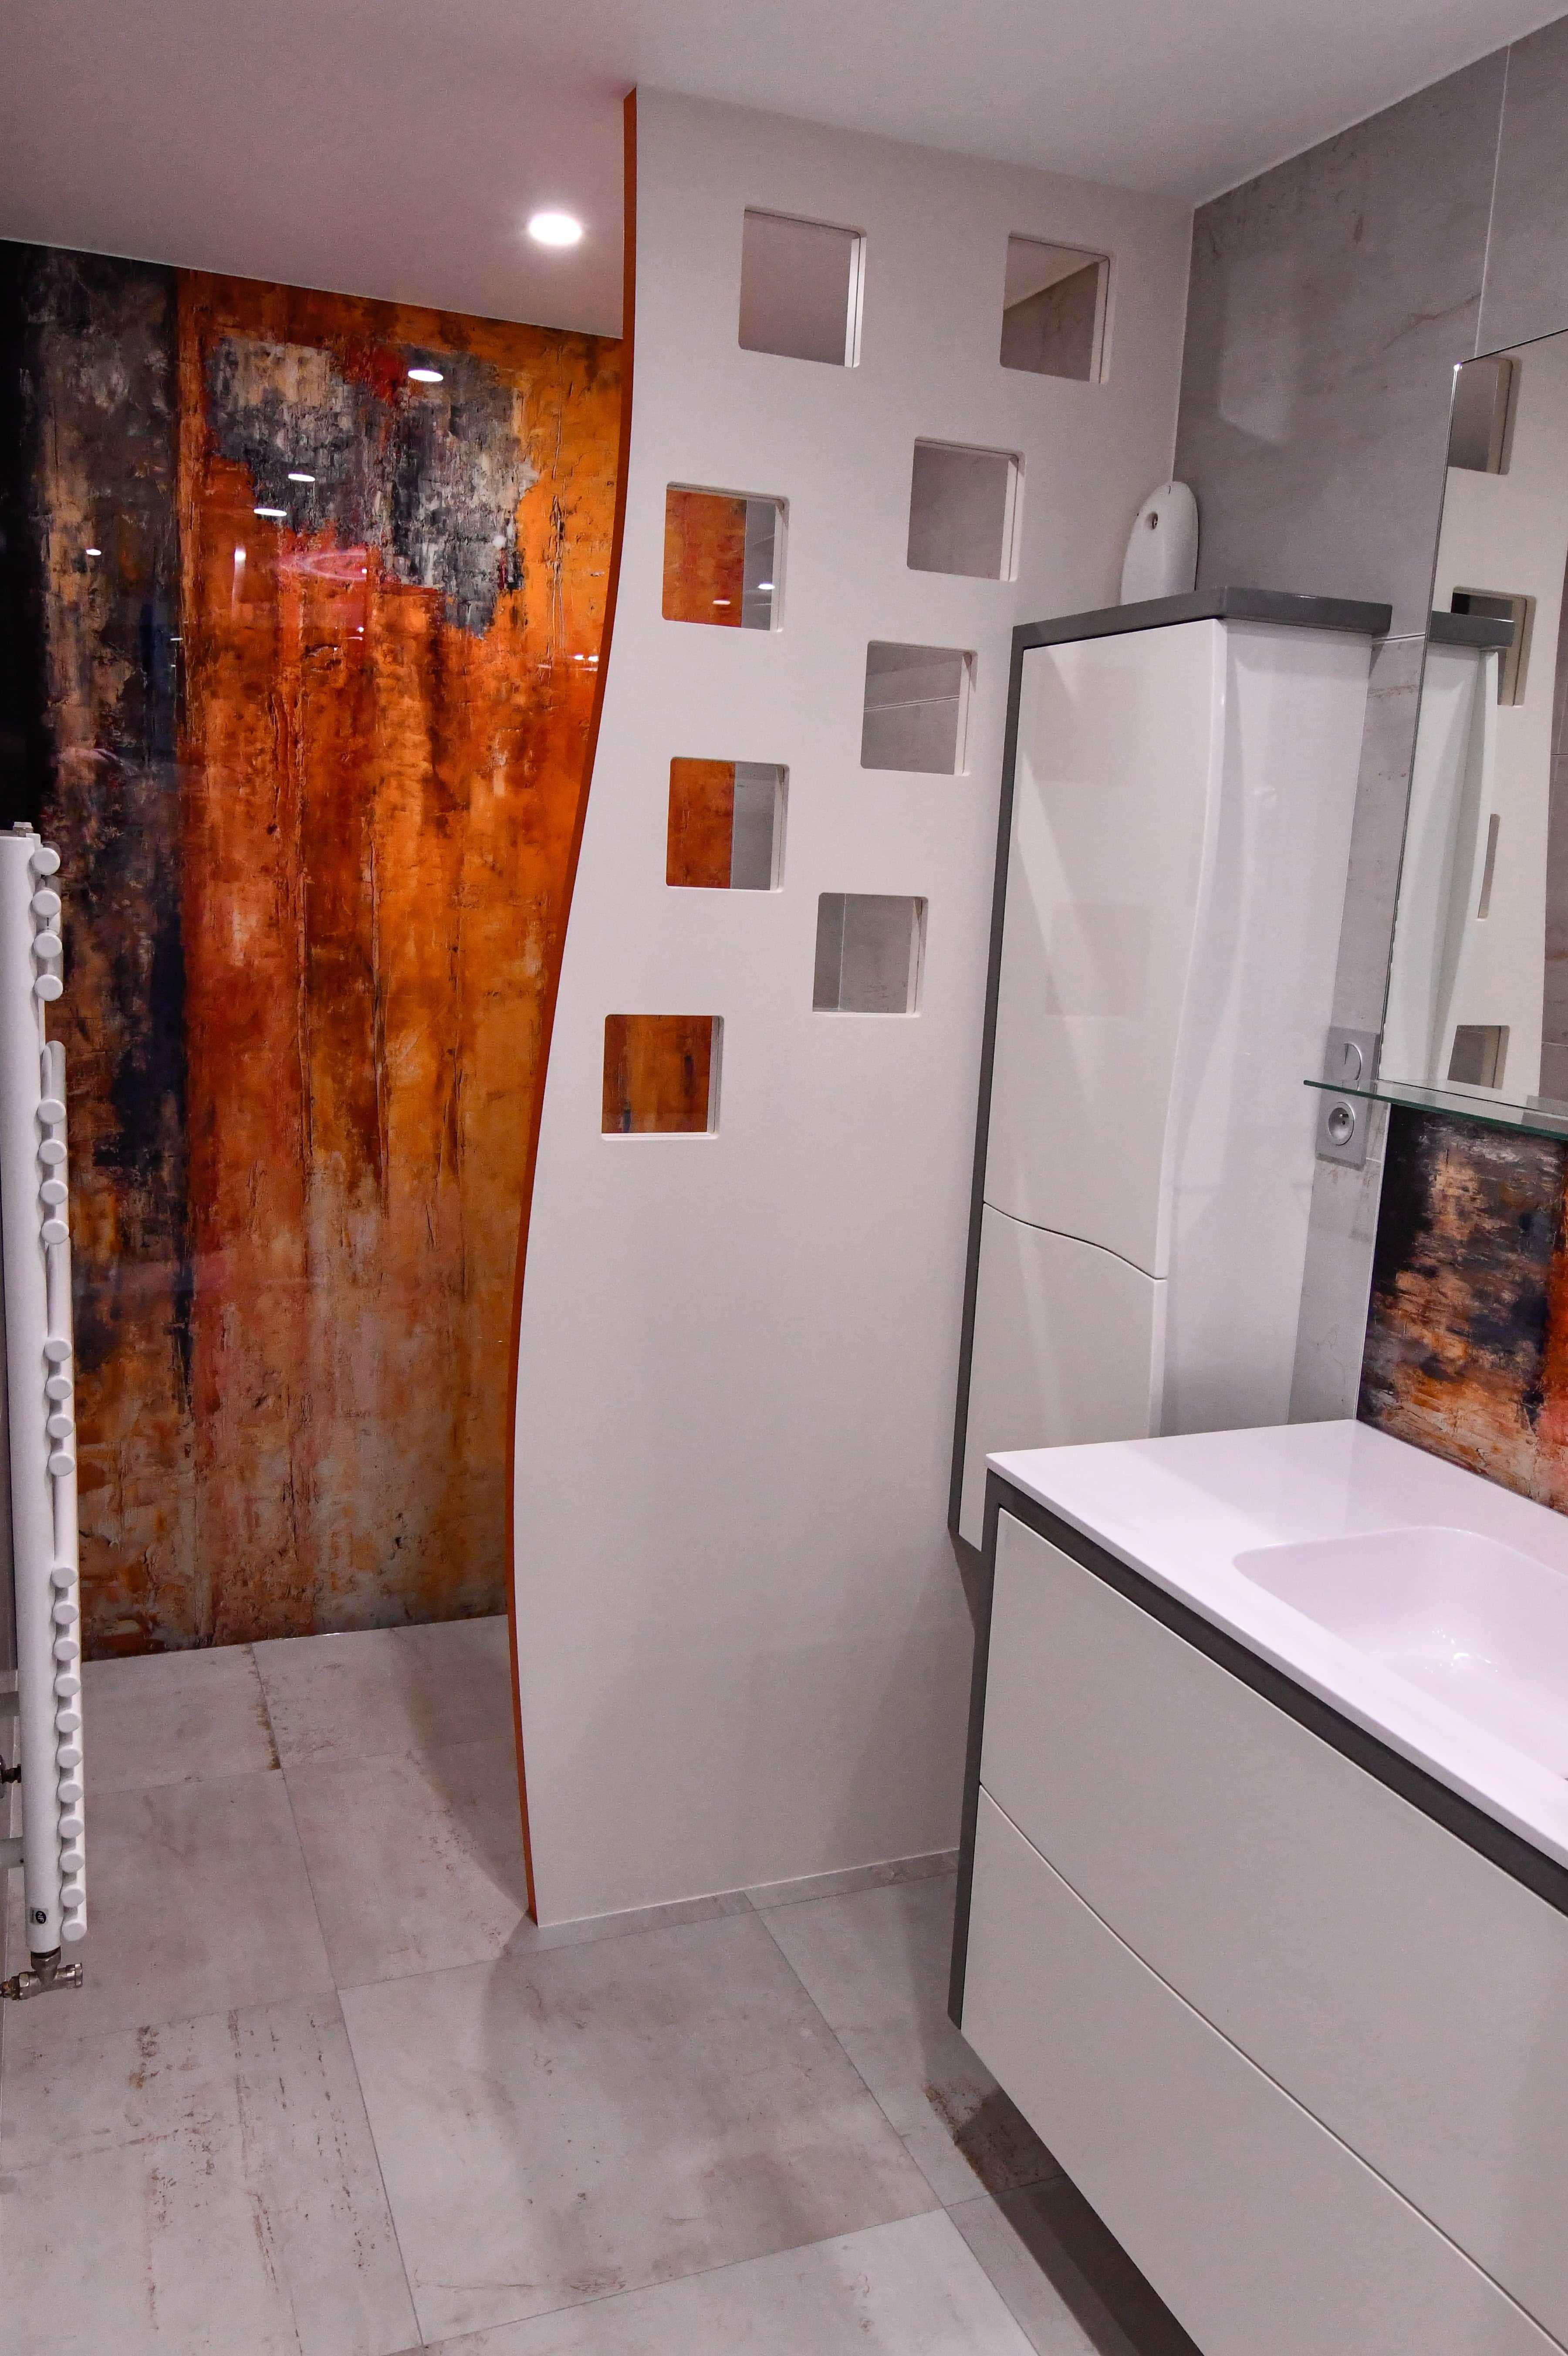 1 Salle de bains contemporaine aux lignes courbées 7 - Salle de bains contemporaine aux lignes courbées